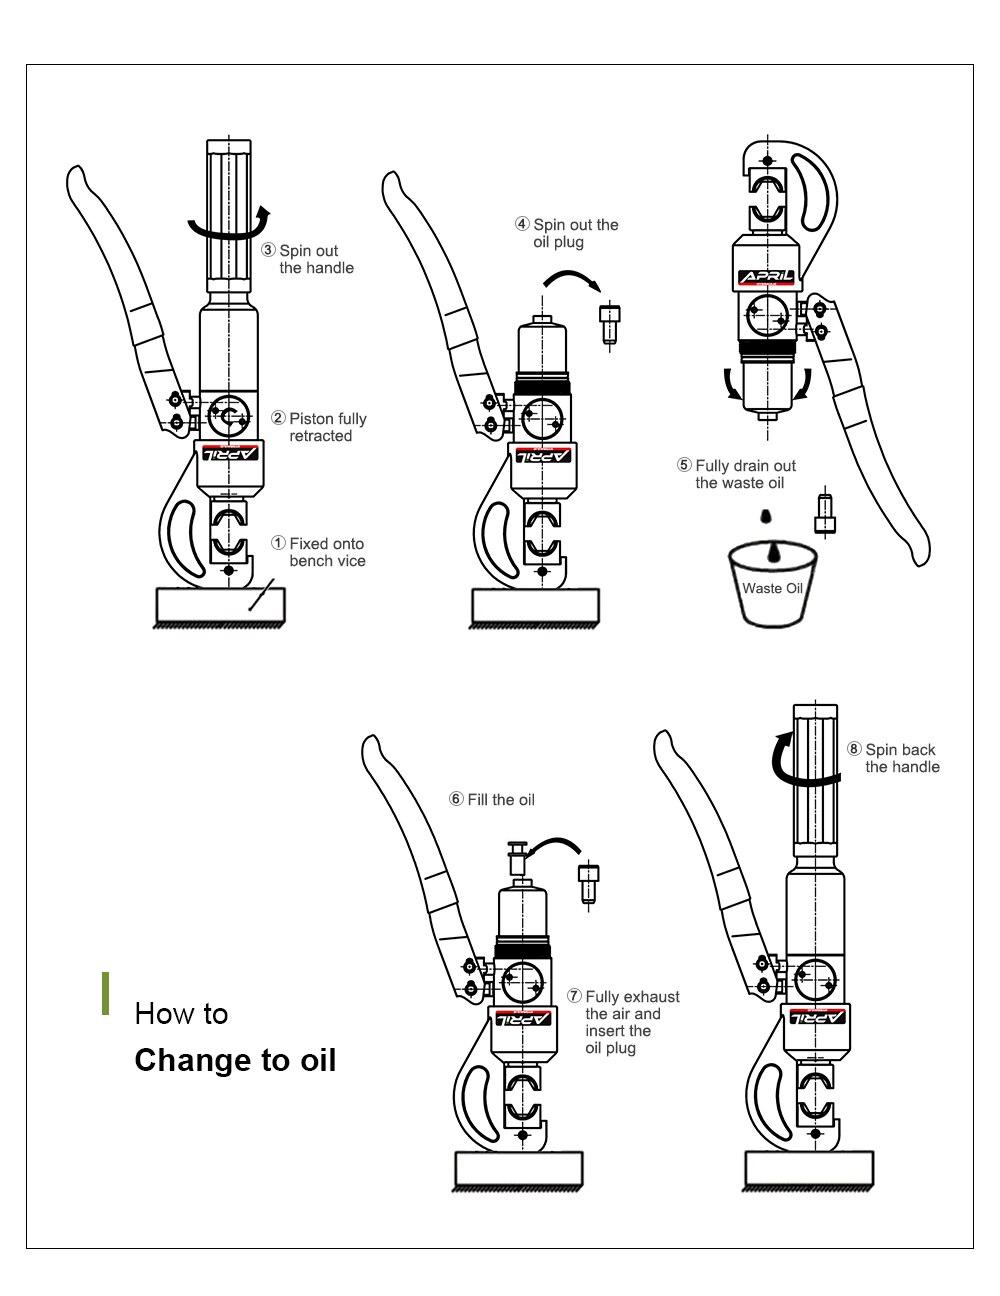 Гидравлический обжимной инструмент Гидравлические Обжимные Щипцы гидравлический инструмент сжатия YQK-70 диапазон 4-70мм2 От 5 до 6 лет давления